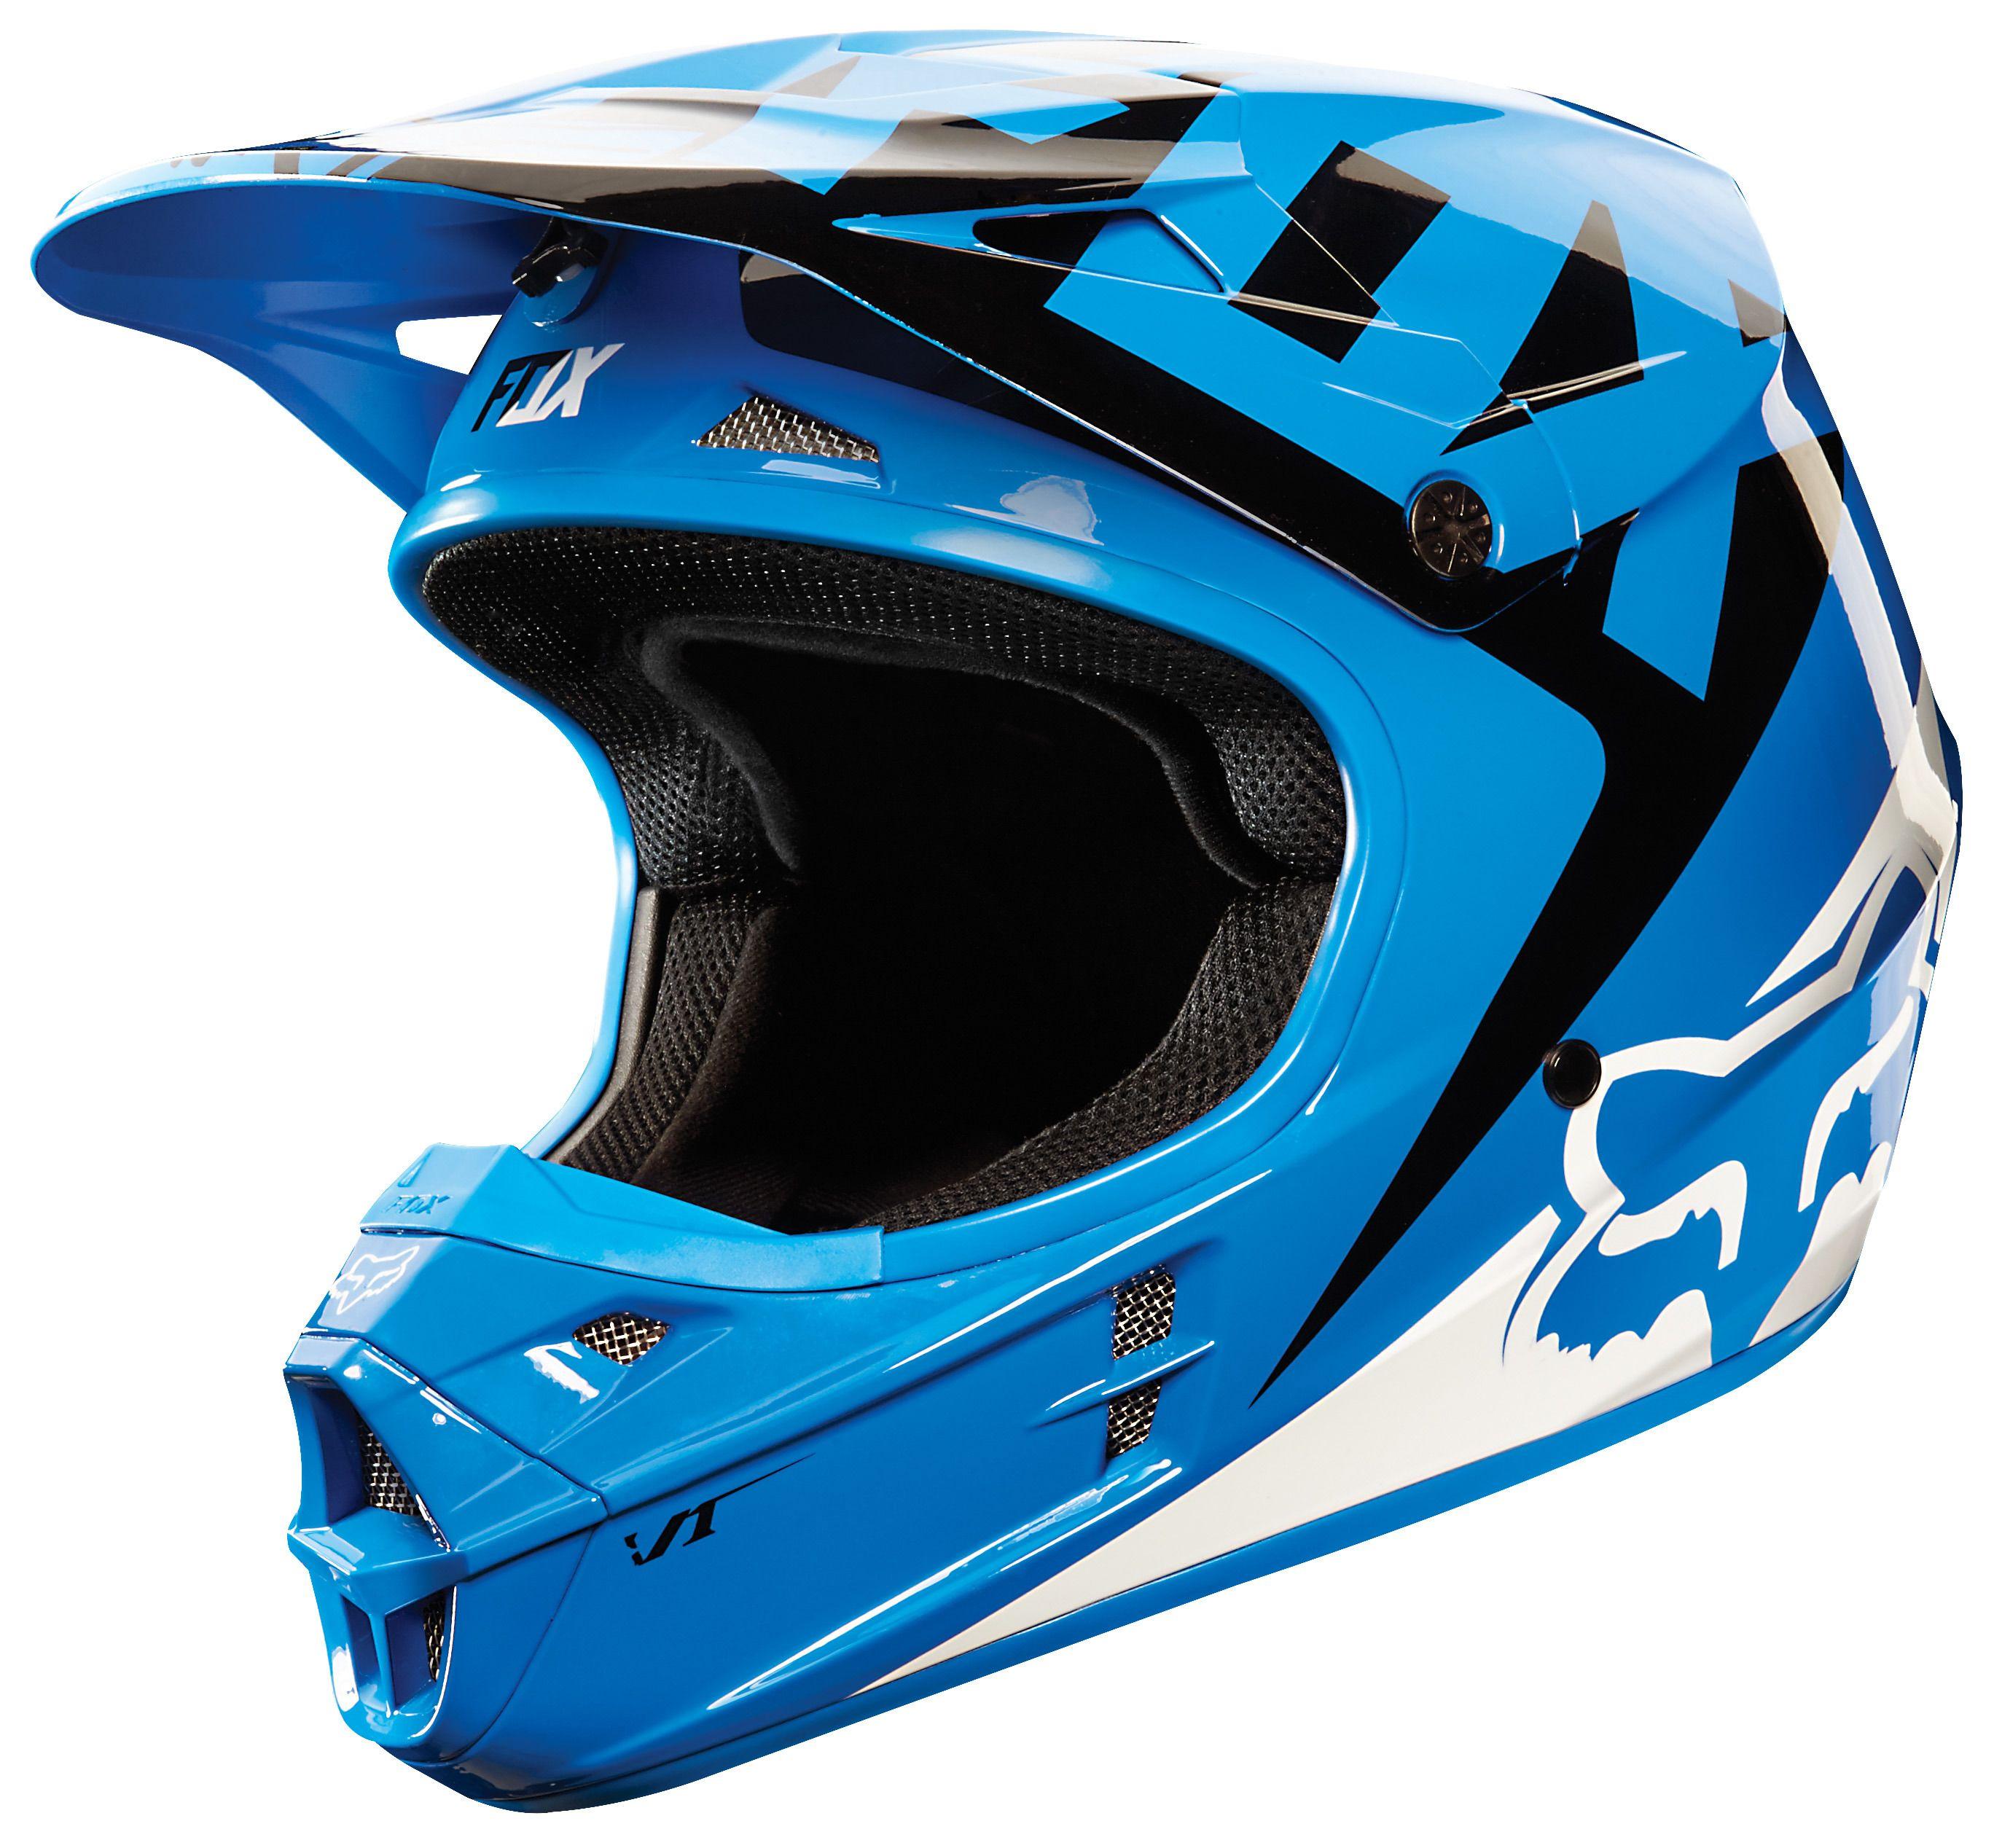 Fox Racing V1 Race Helmet 2015 Revzilla